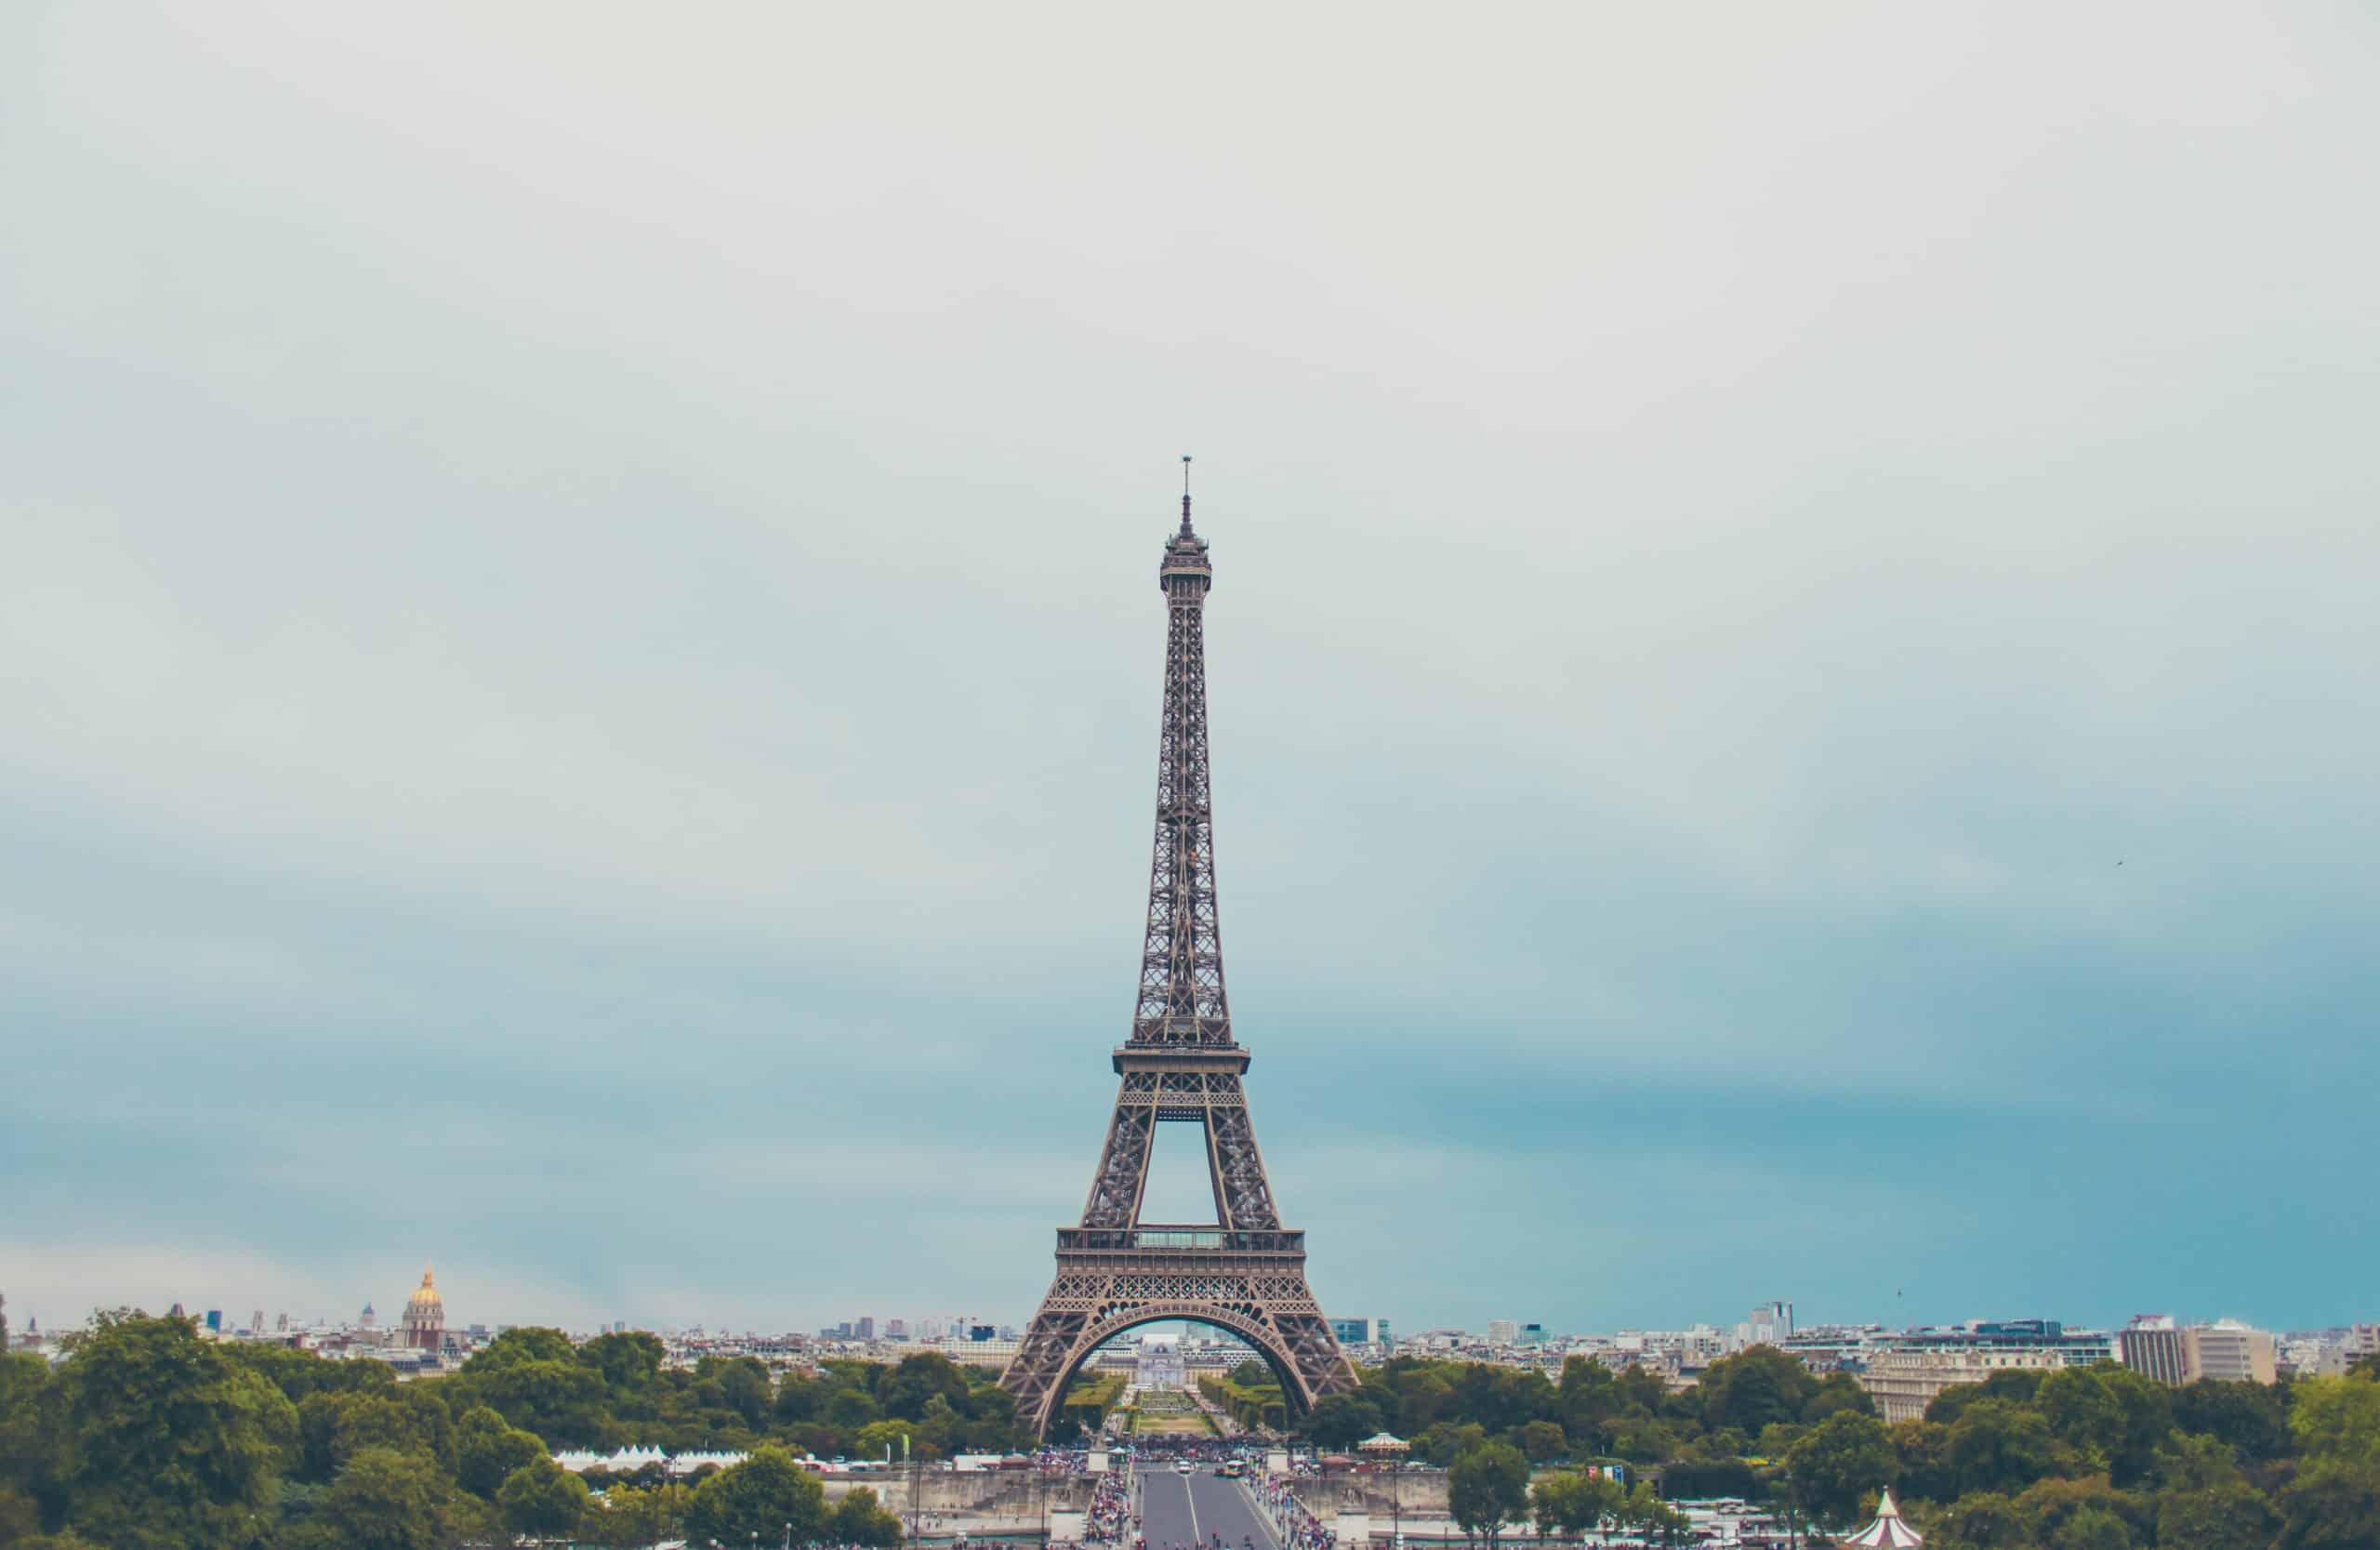 eiffel-tower-paris-sky